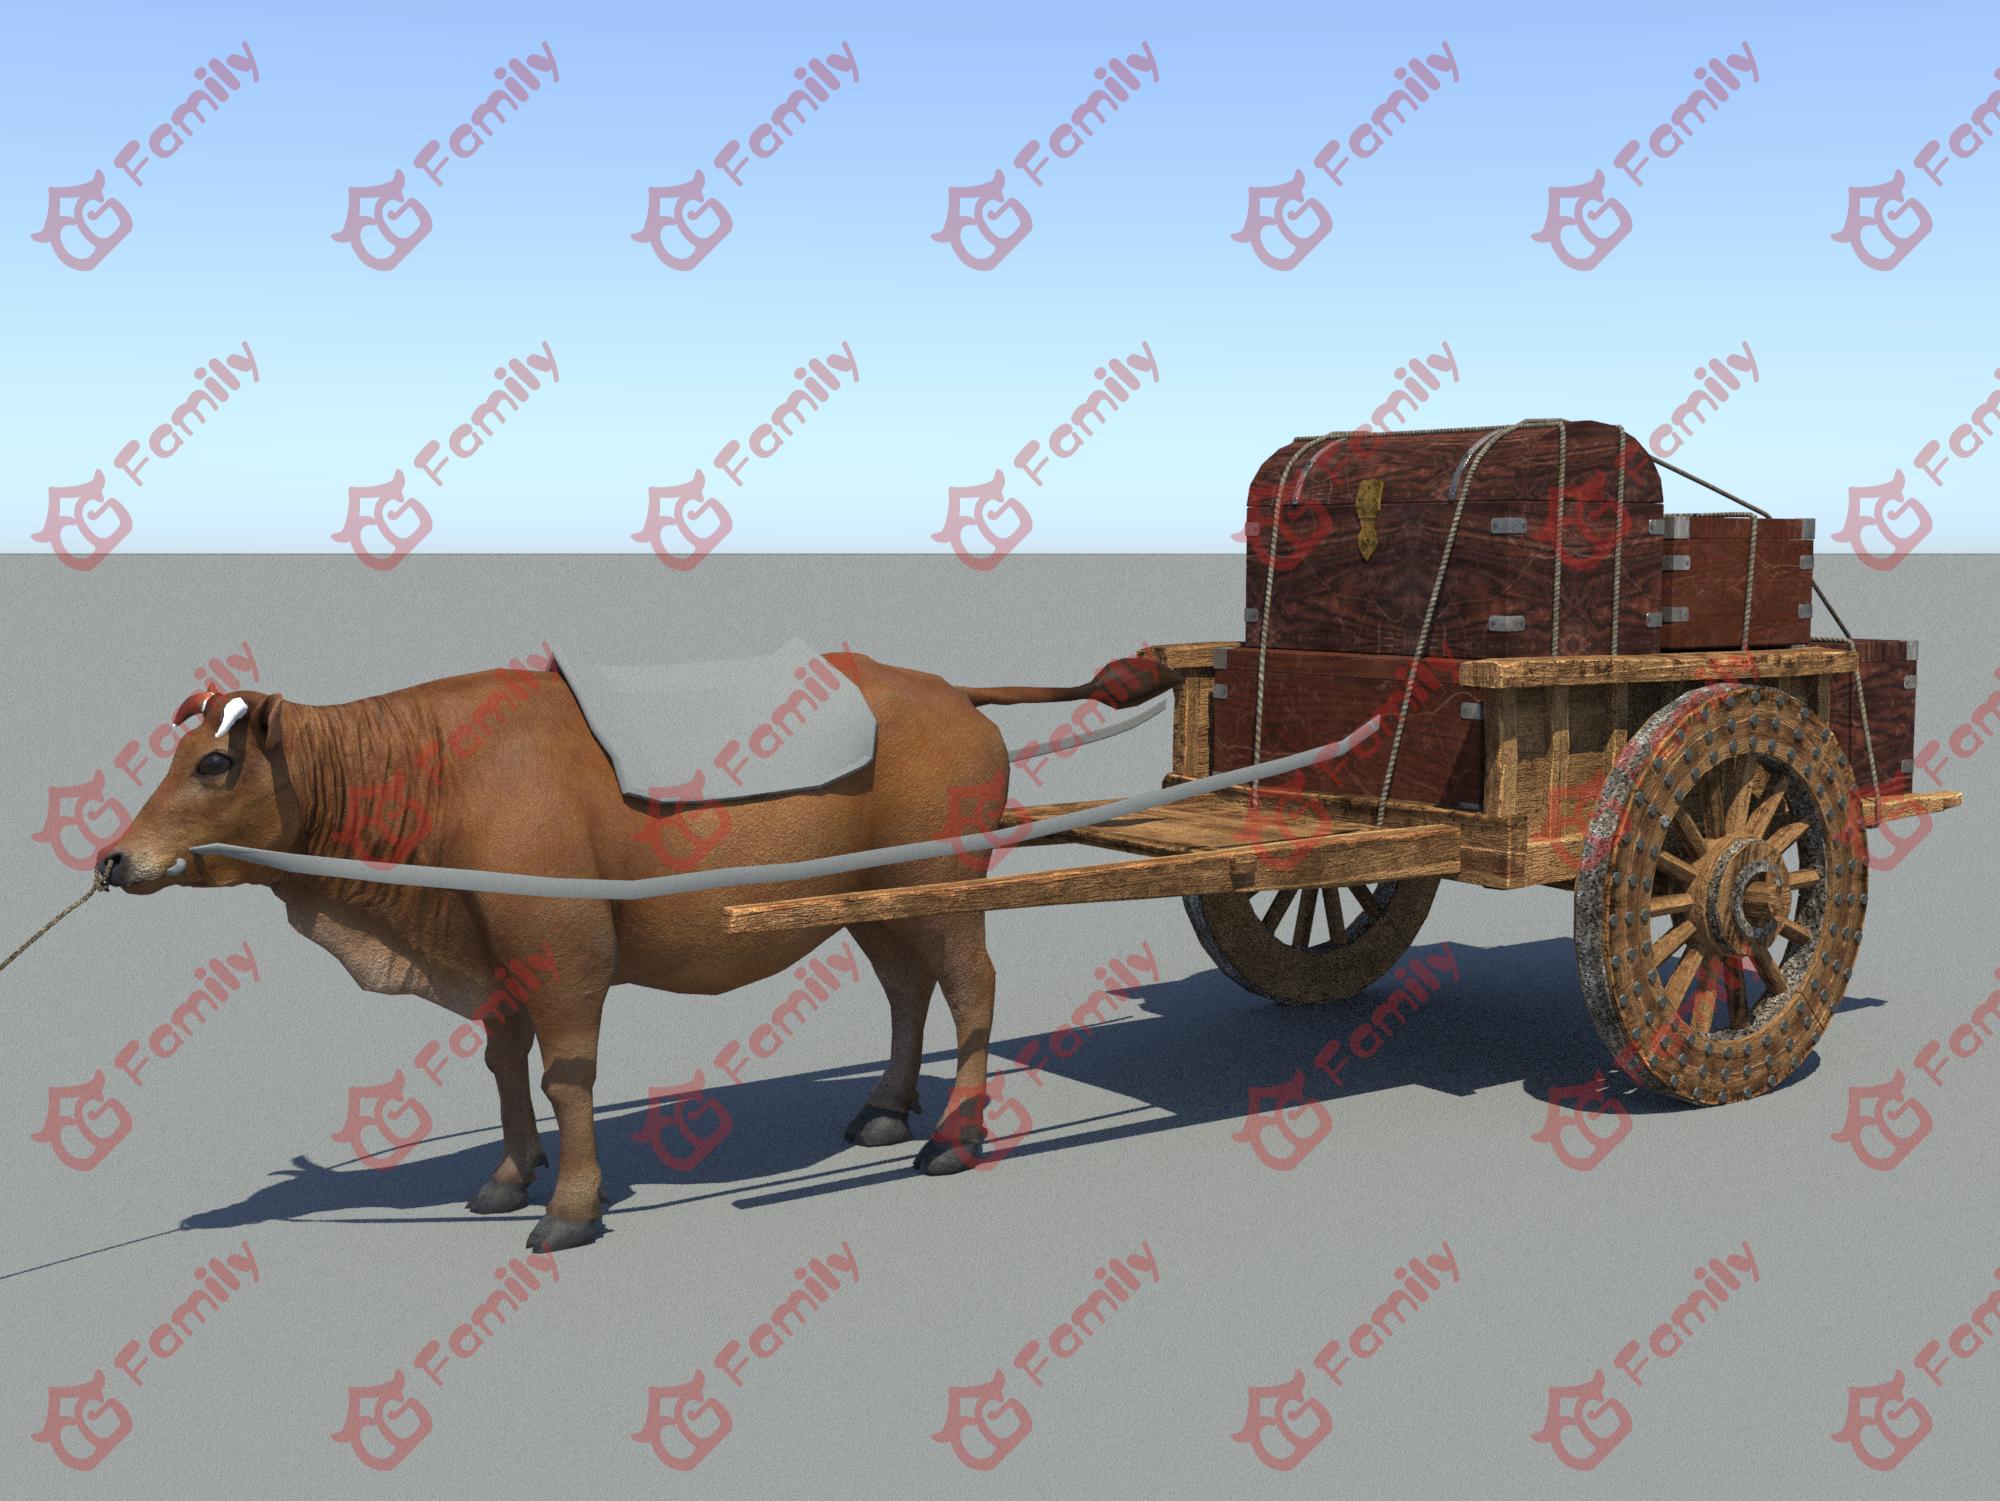 牛车 牛拉车 牛 古代牛拉车马车古代马车木车木板车人力车畜力车畜牧车驴车板儿车